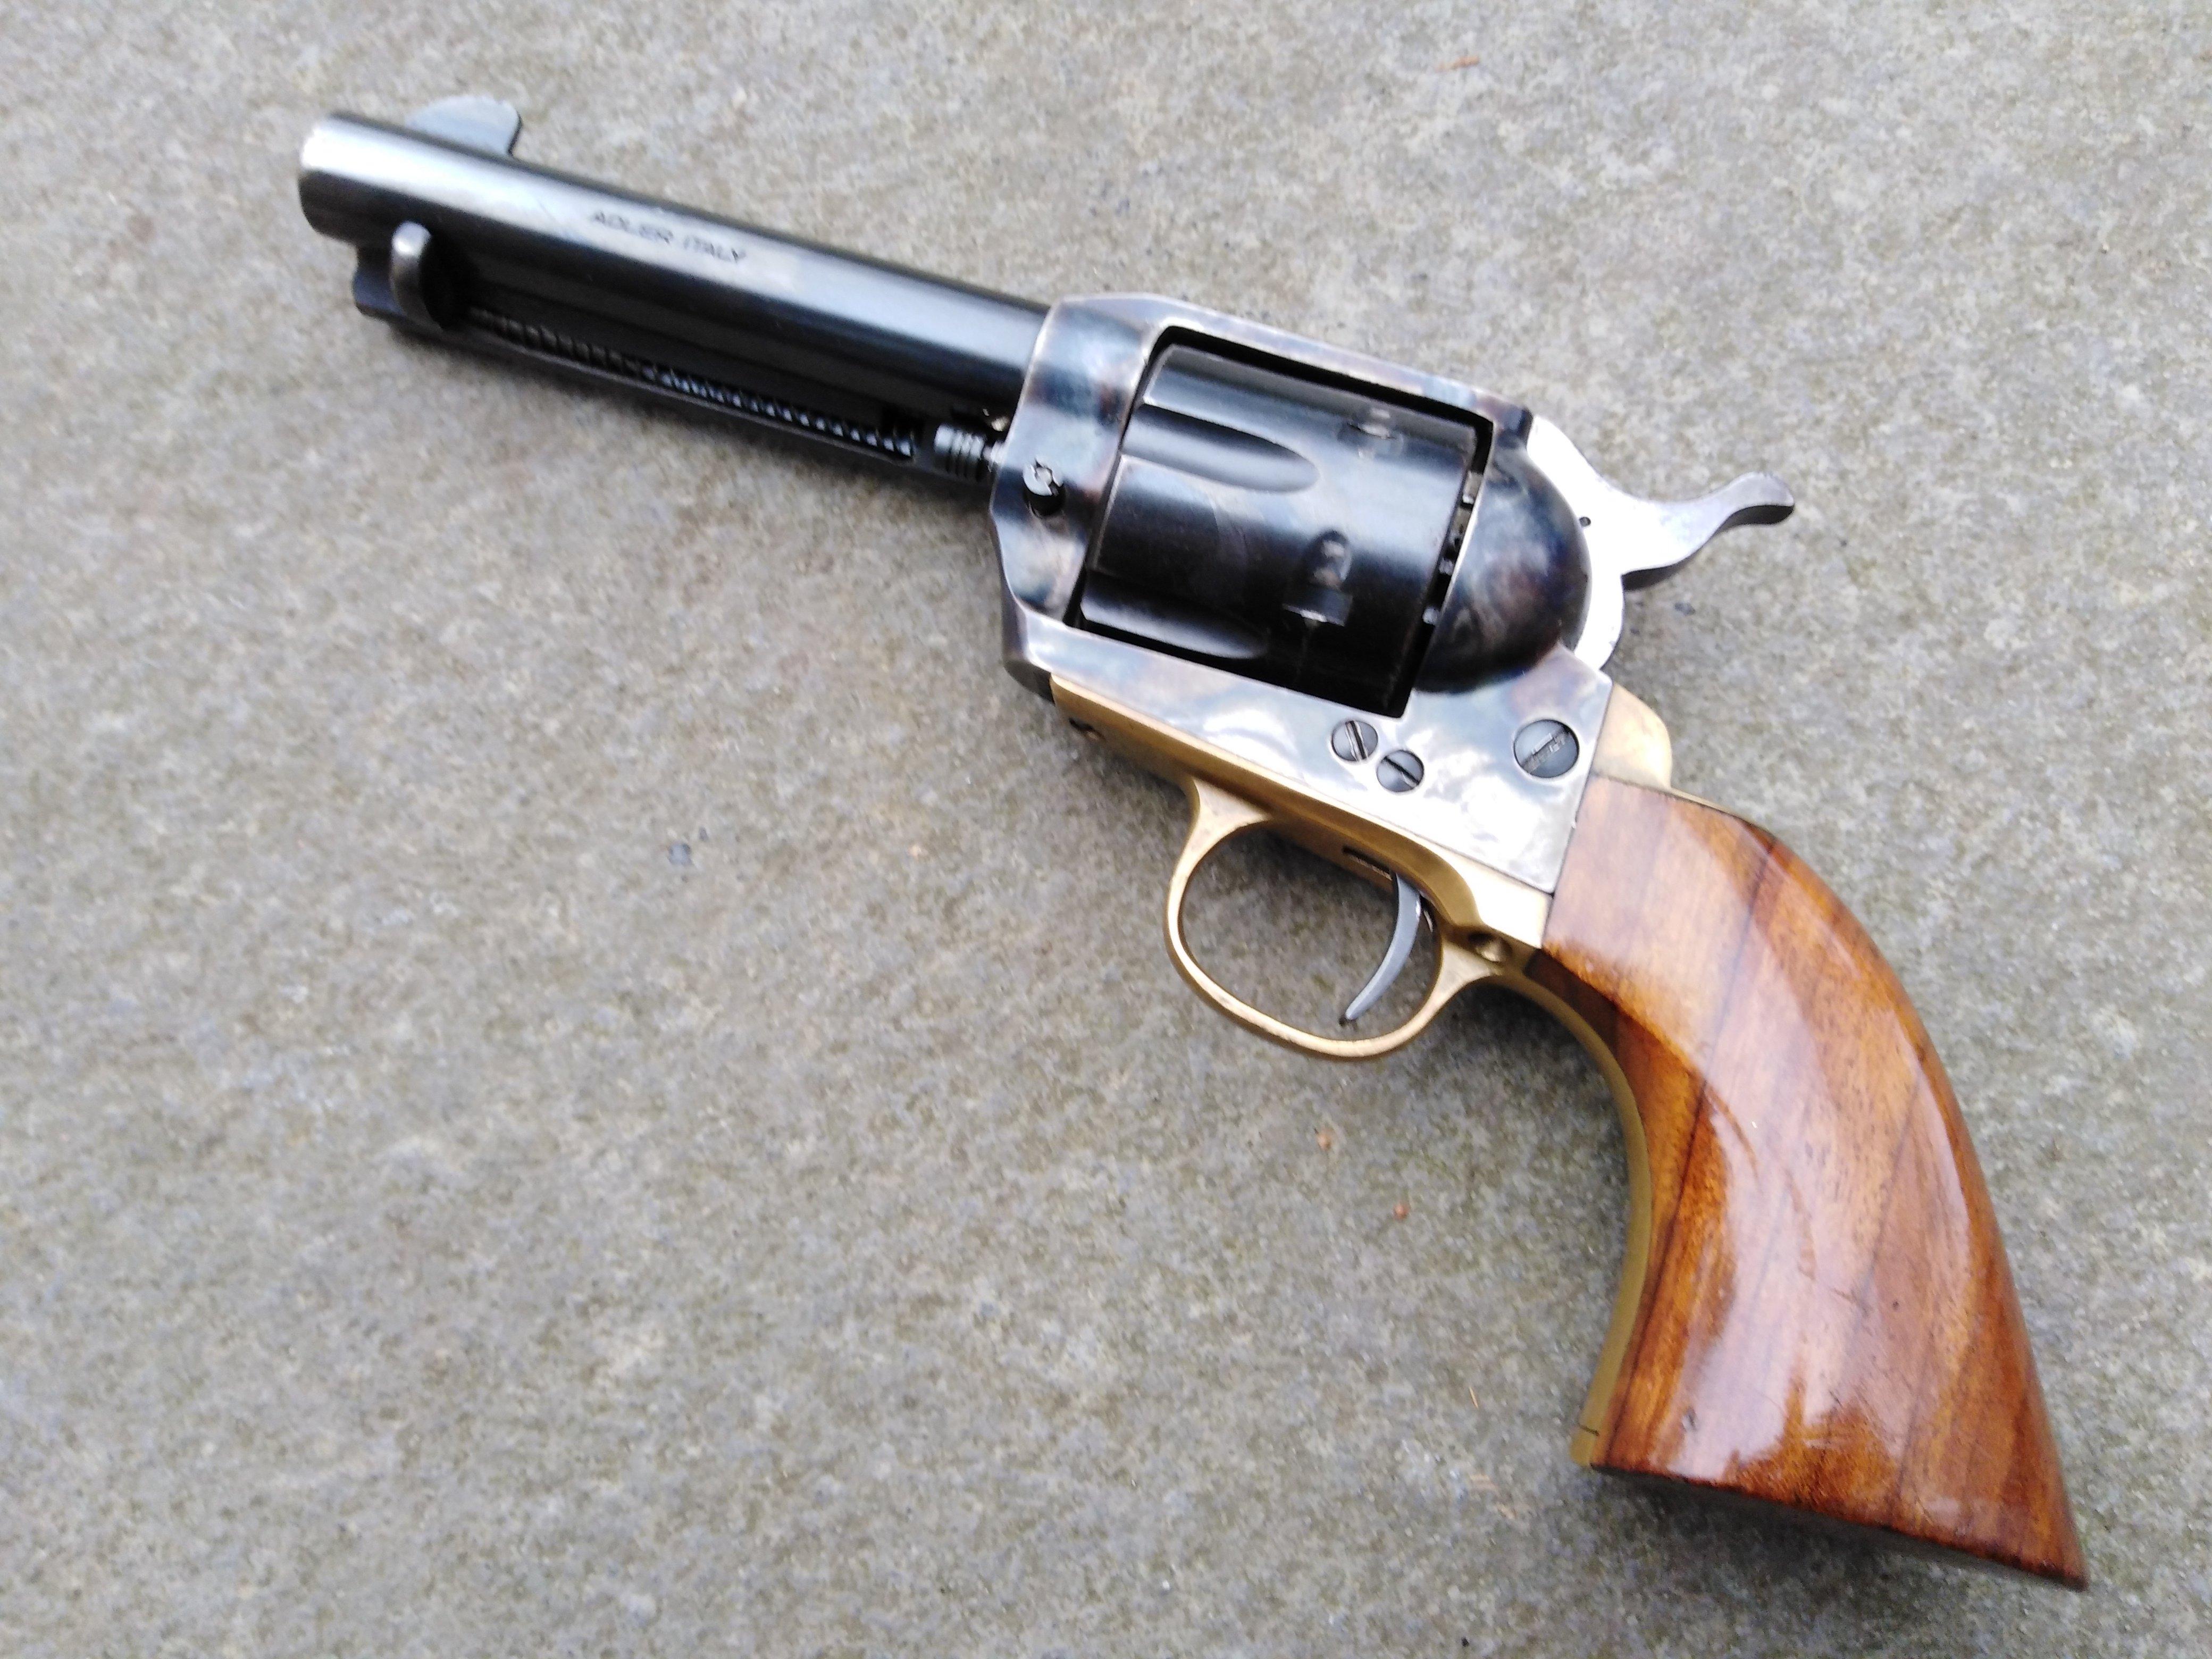 Adler Colt SA 4 3/4 inch